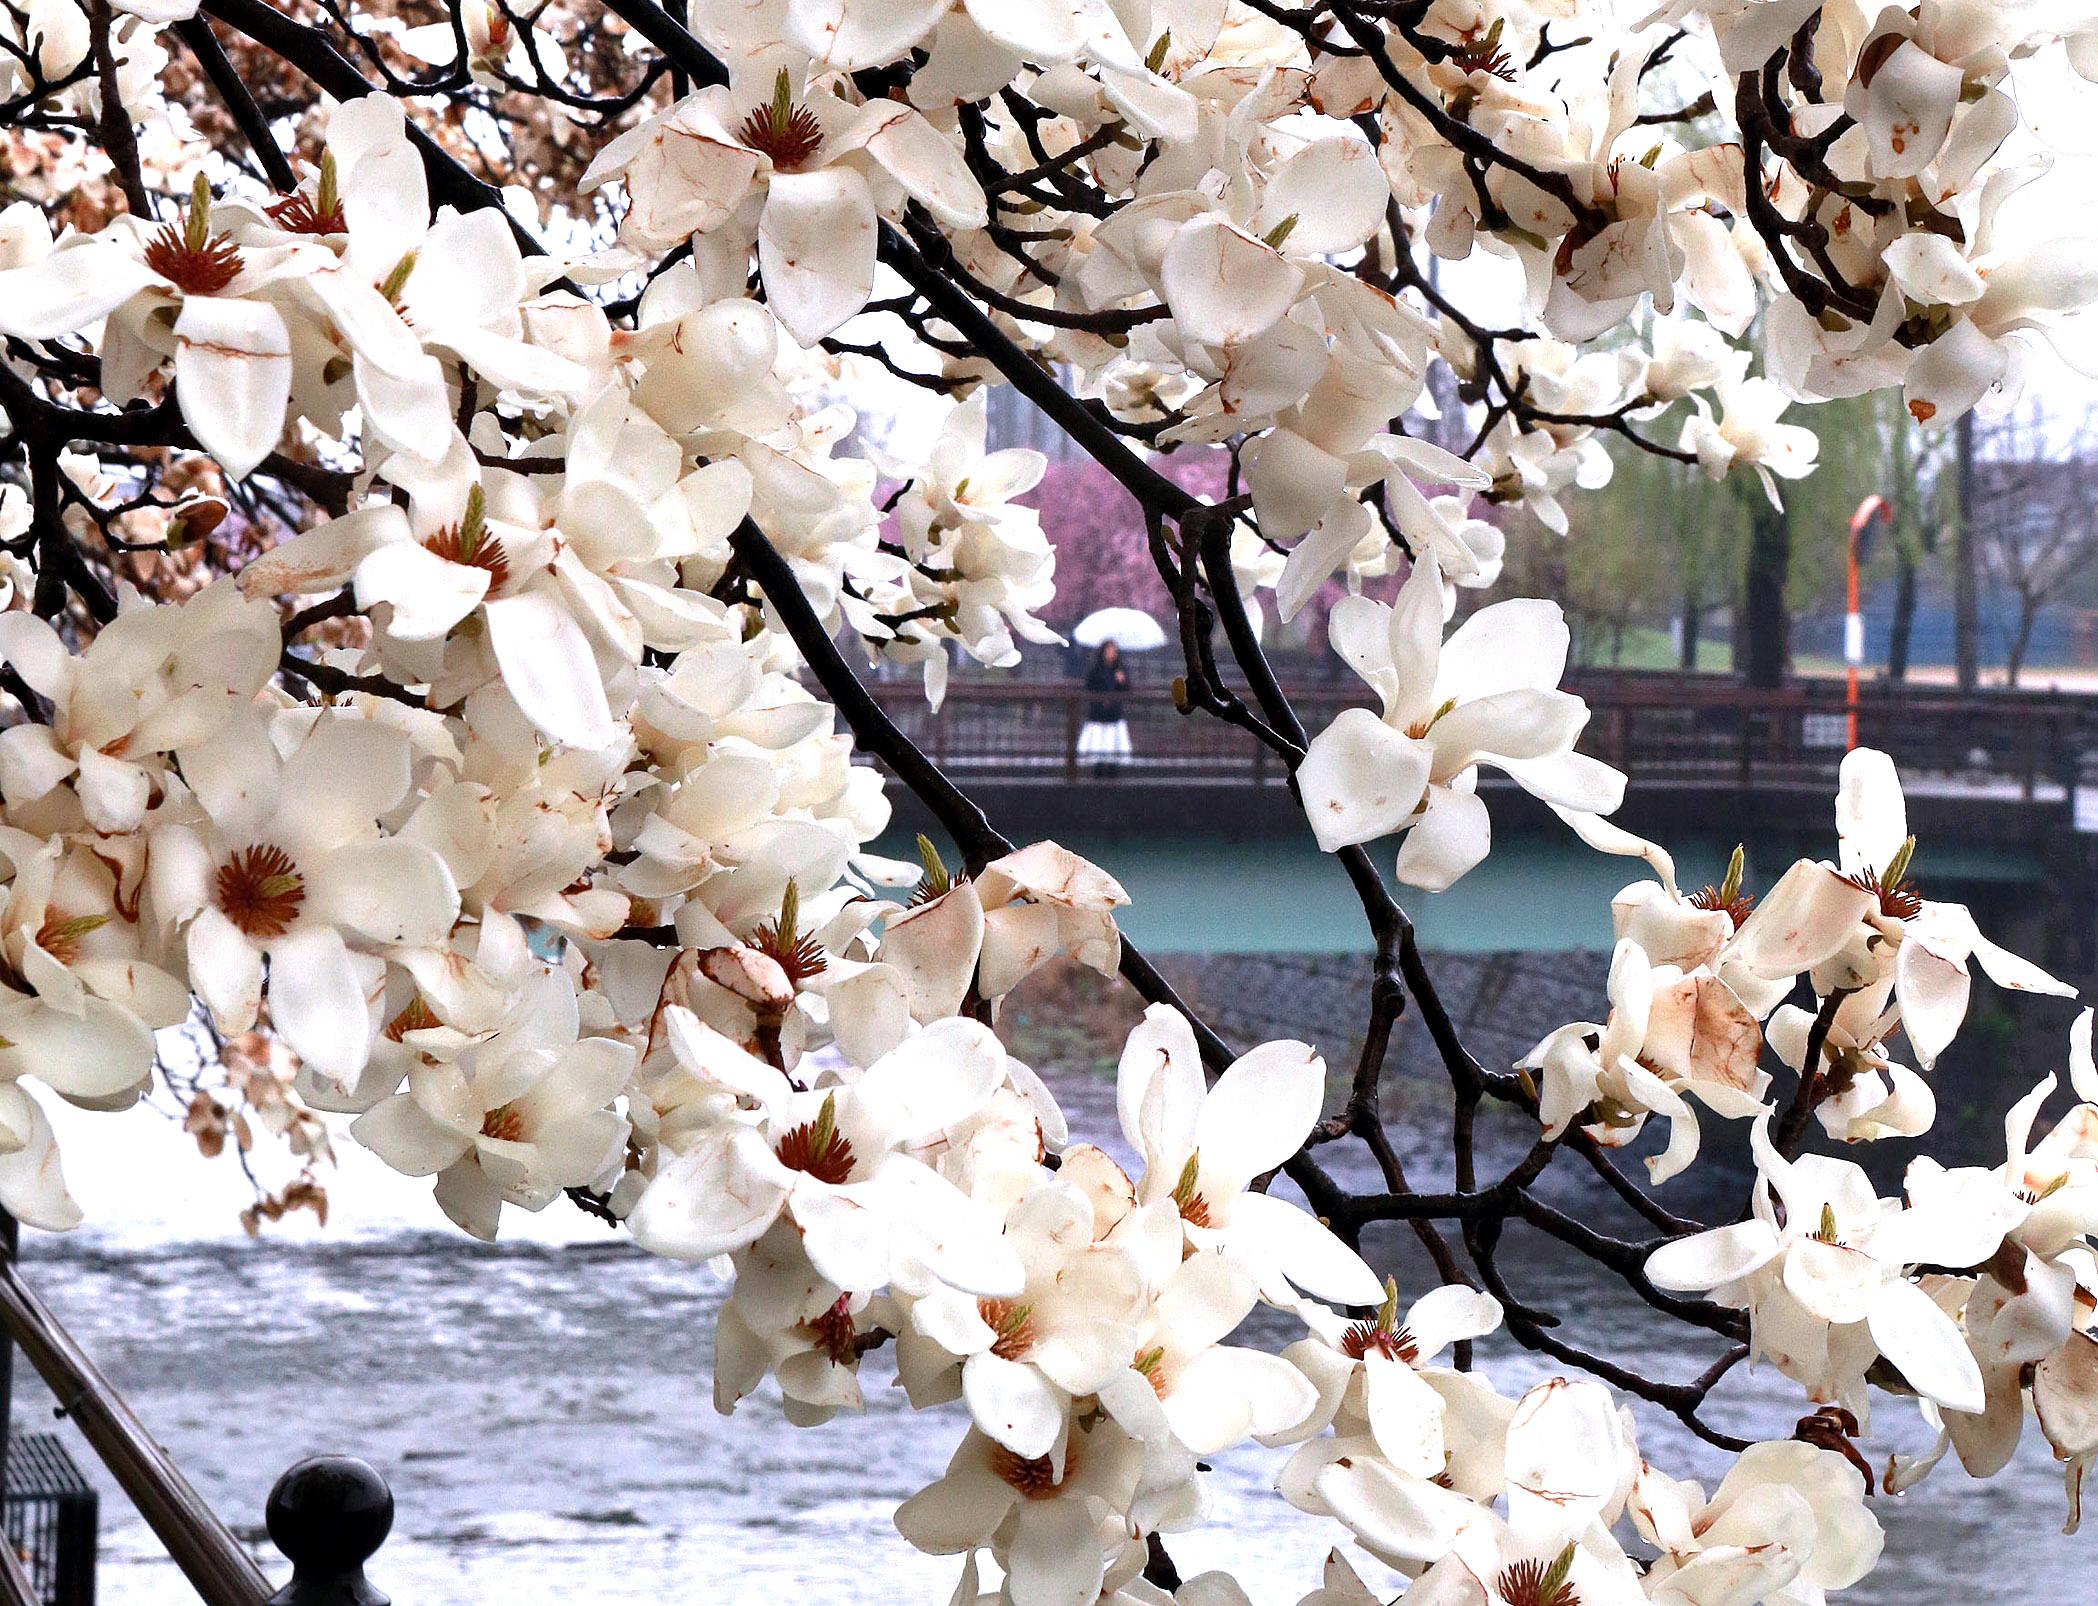 雨にぬれ、しっとりと咲くハクモクレン=6日午前9時、金沢市の高橋川沿い